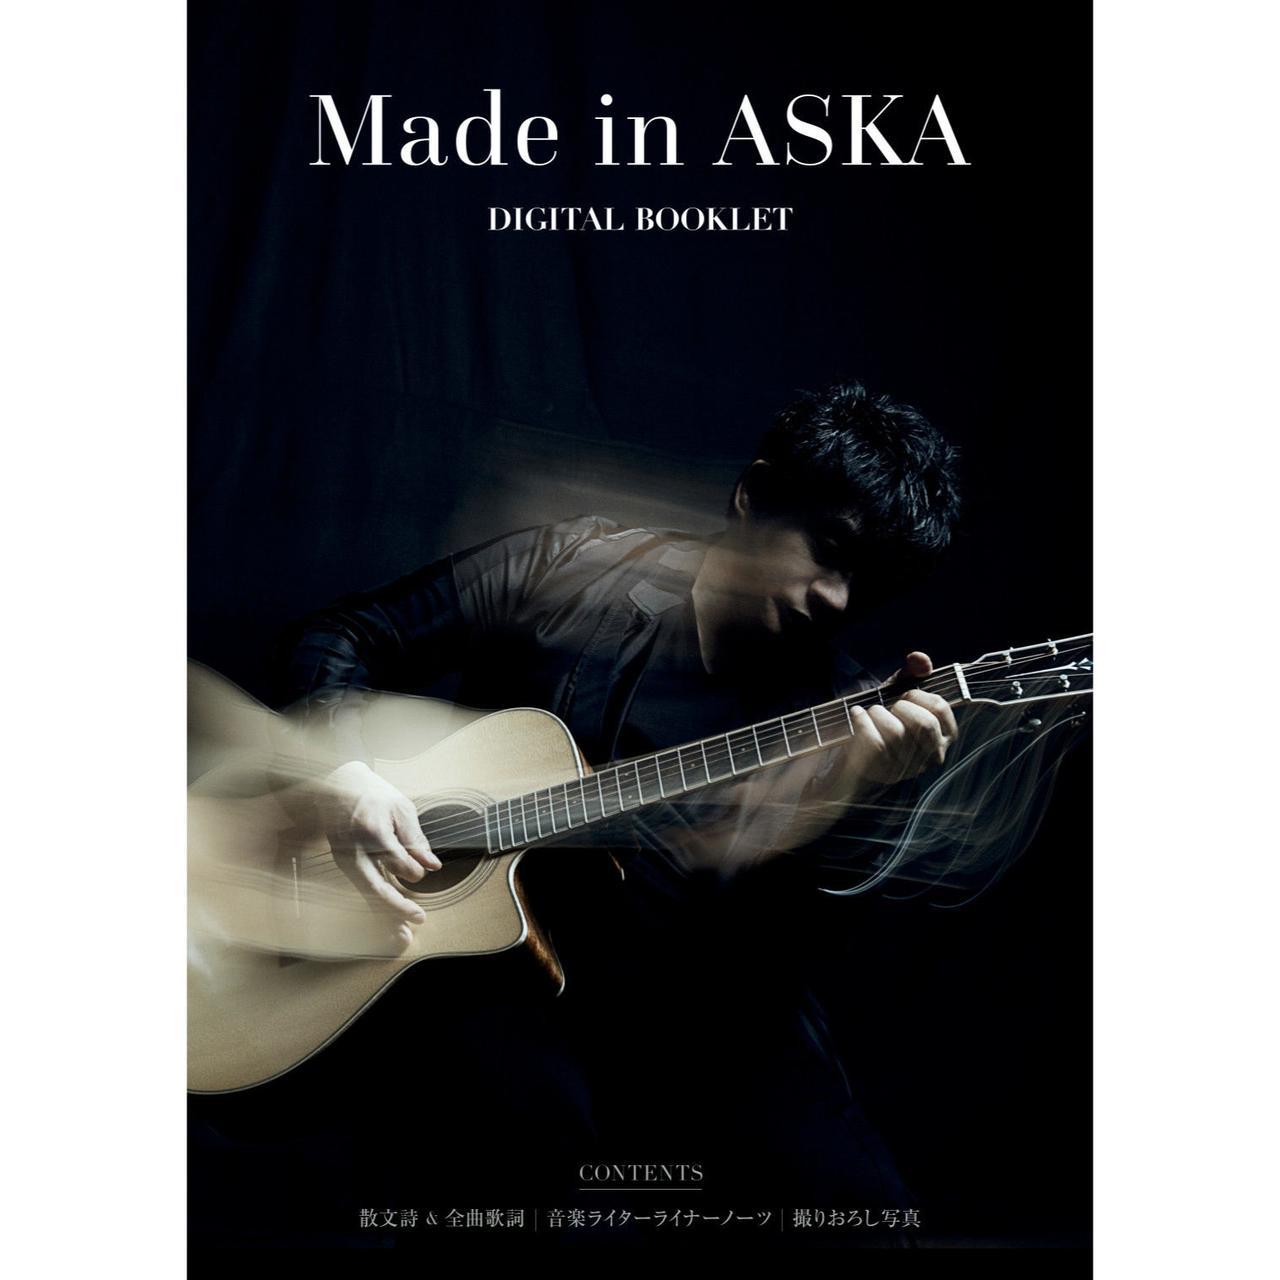 画像: 『Made in ASKA』デジタルブックレット